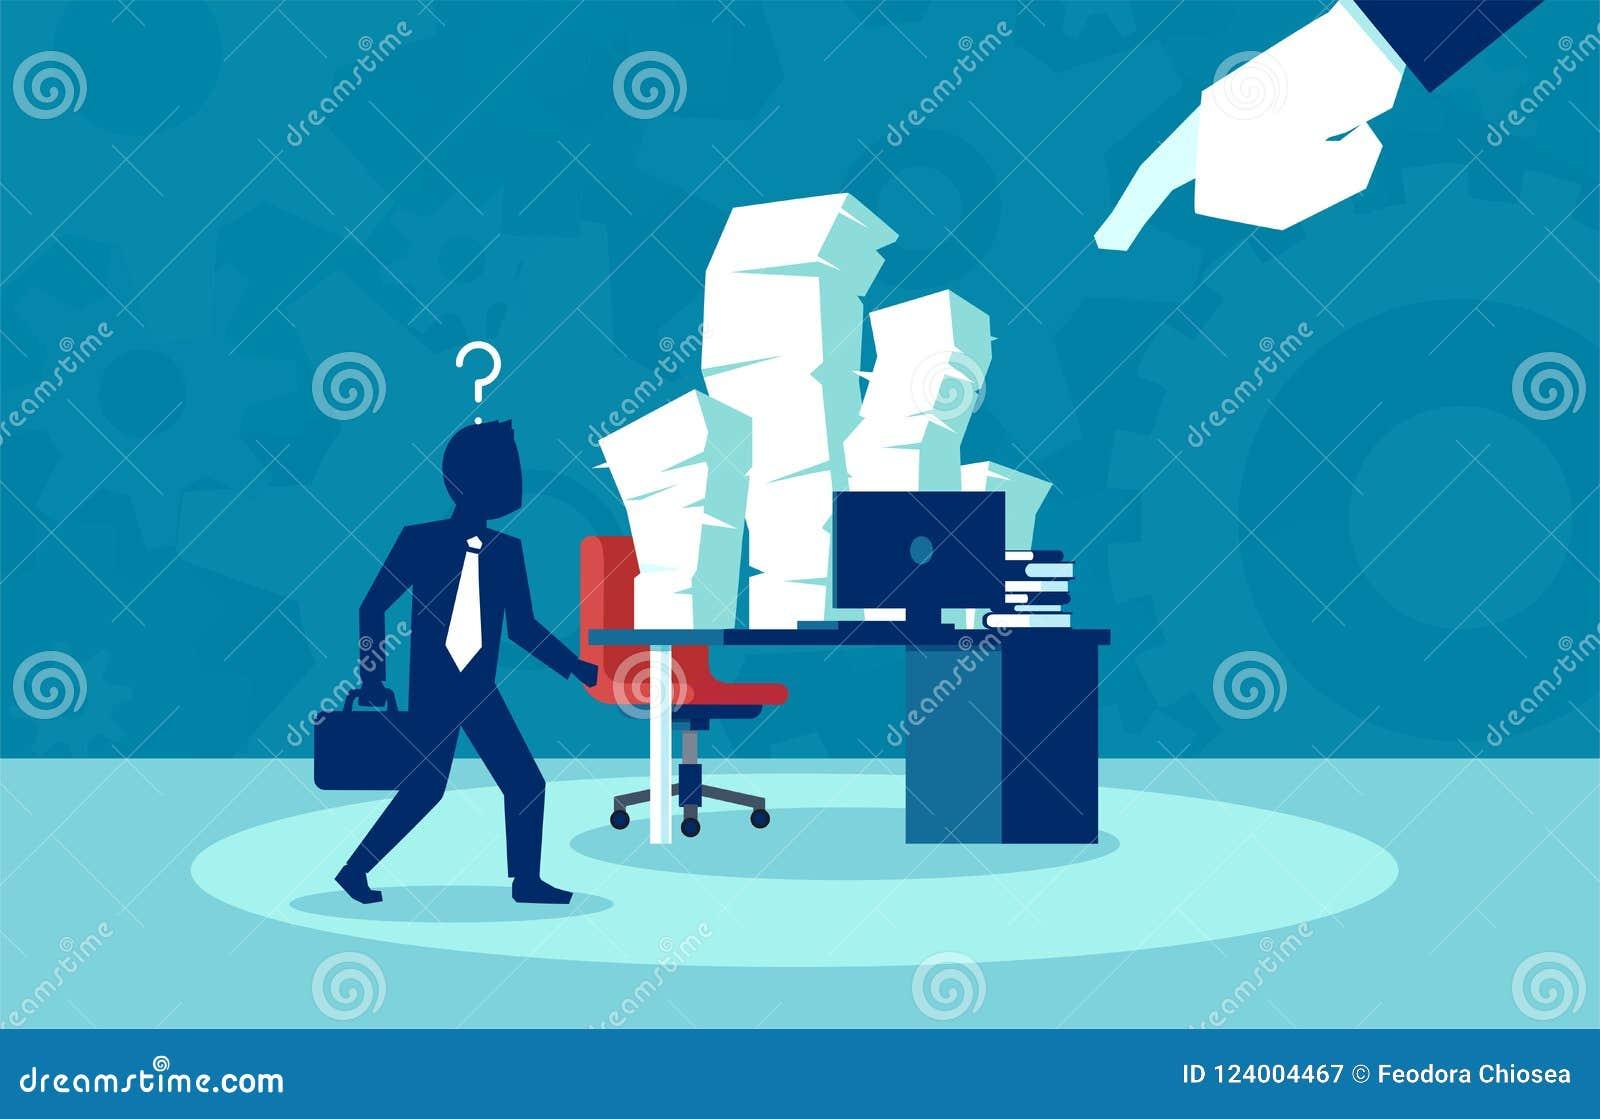 Bezige baan van een collectieve werknemer, bureaucratie, administratieconcept